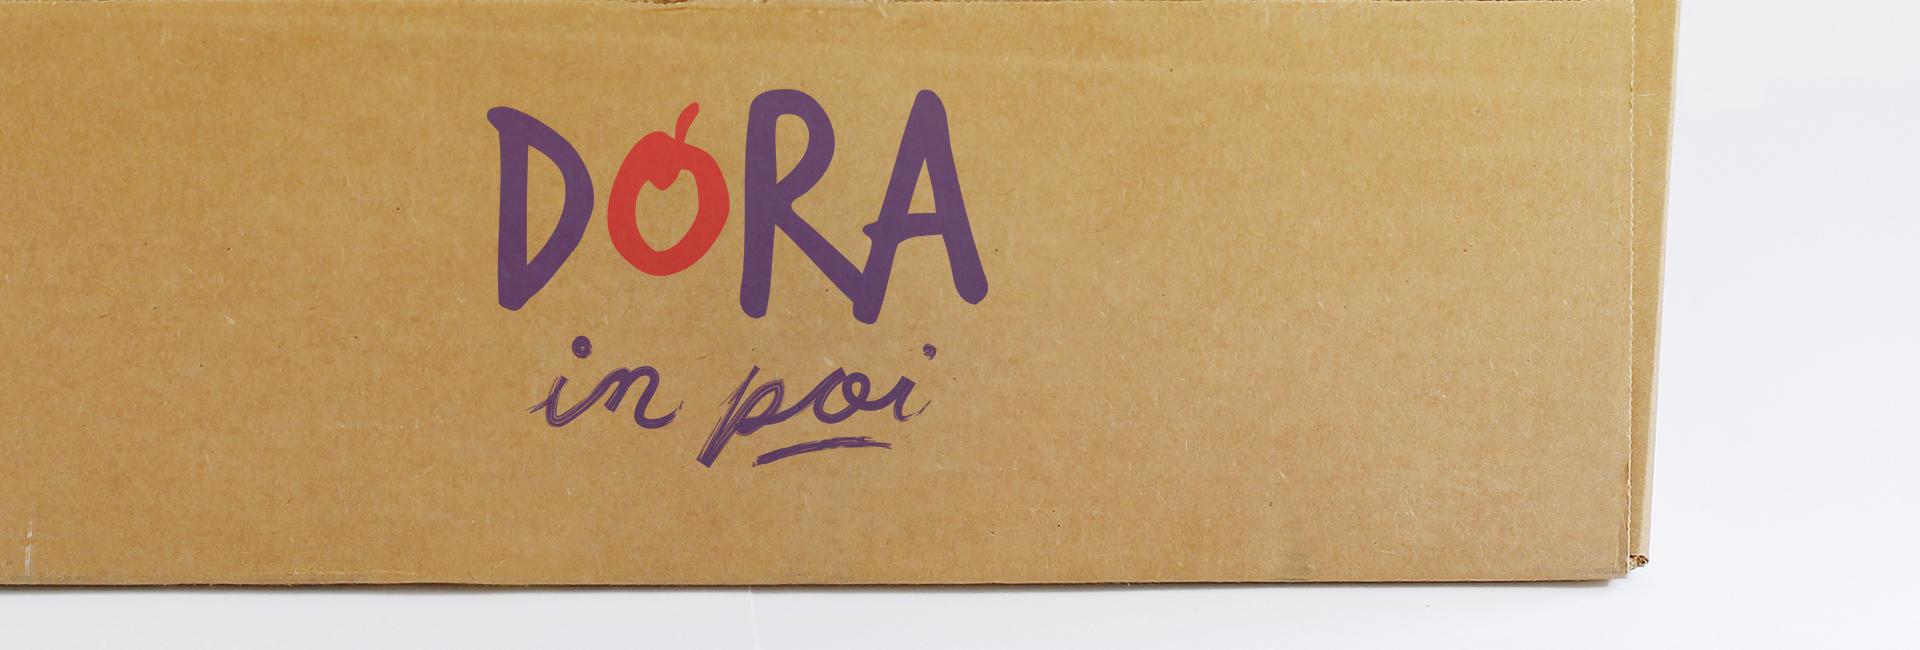 I prossimi appuntamenti con Dora